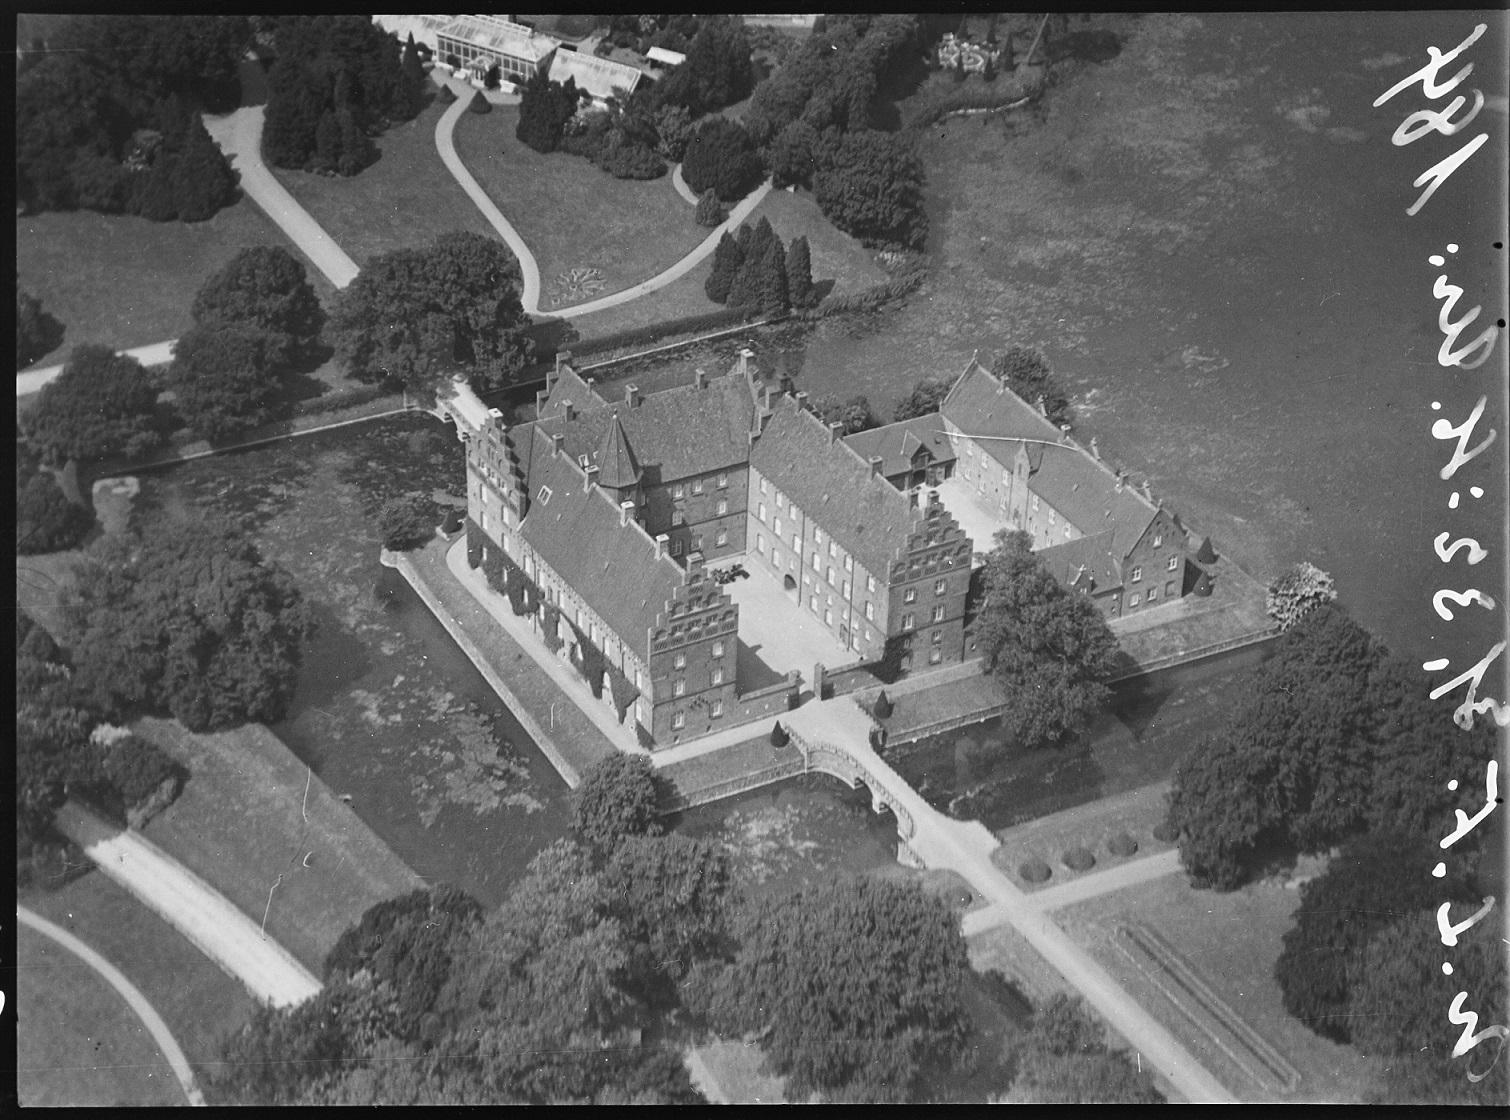 00d321a6971 Foto: Nordisk Luftfoto, 1928-33, Det Kgl. Bibliotek. ‹ ›